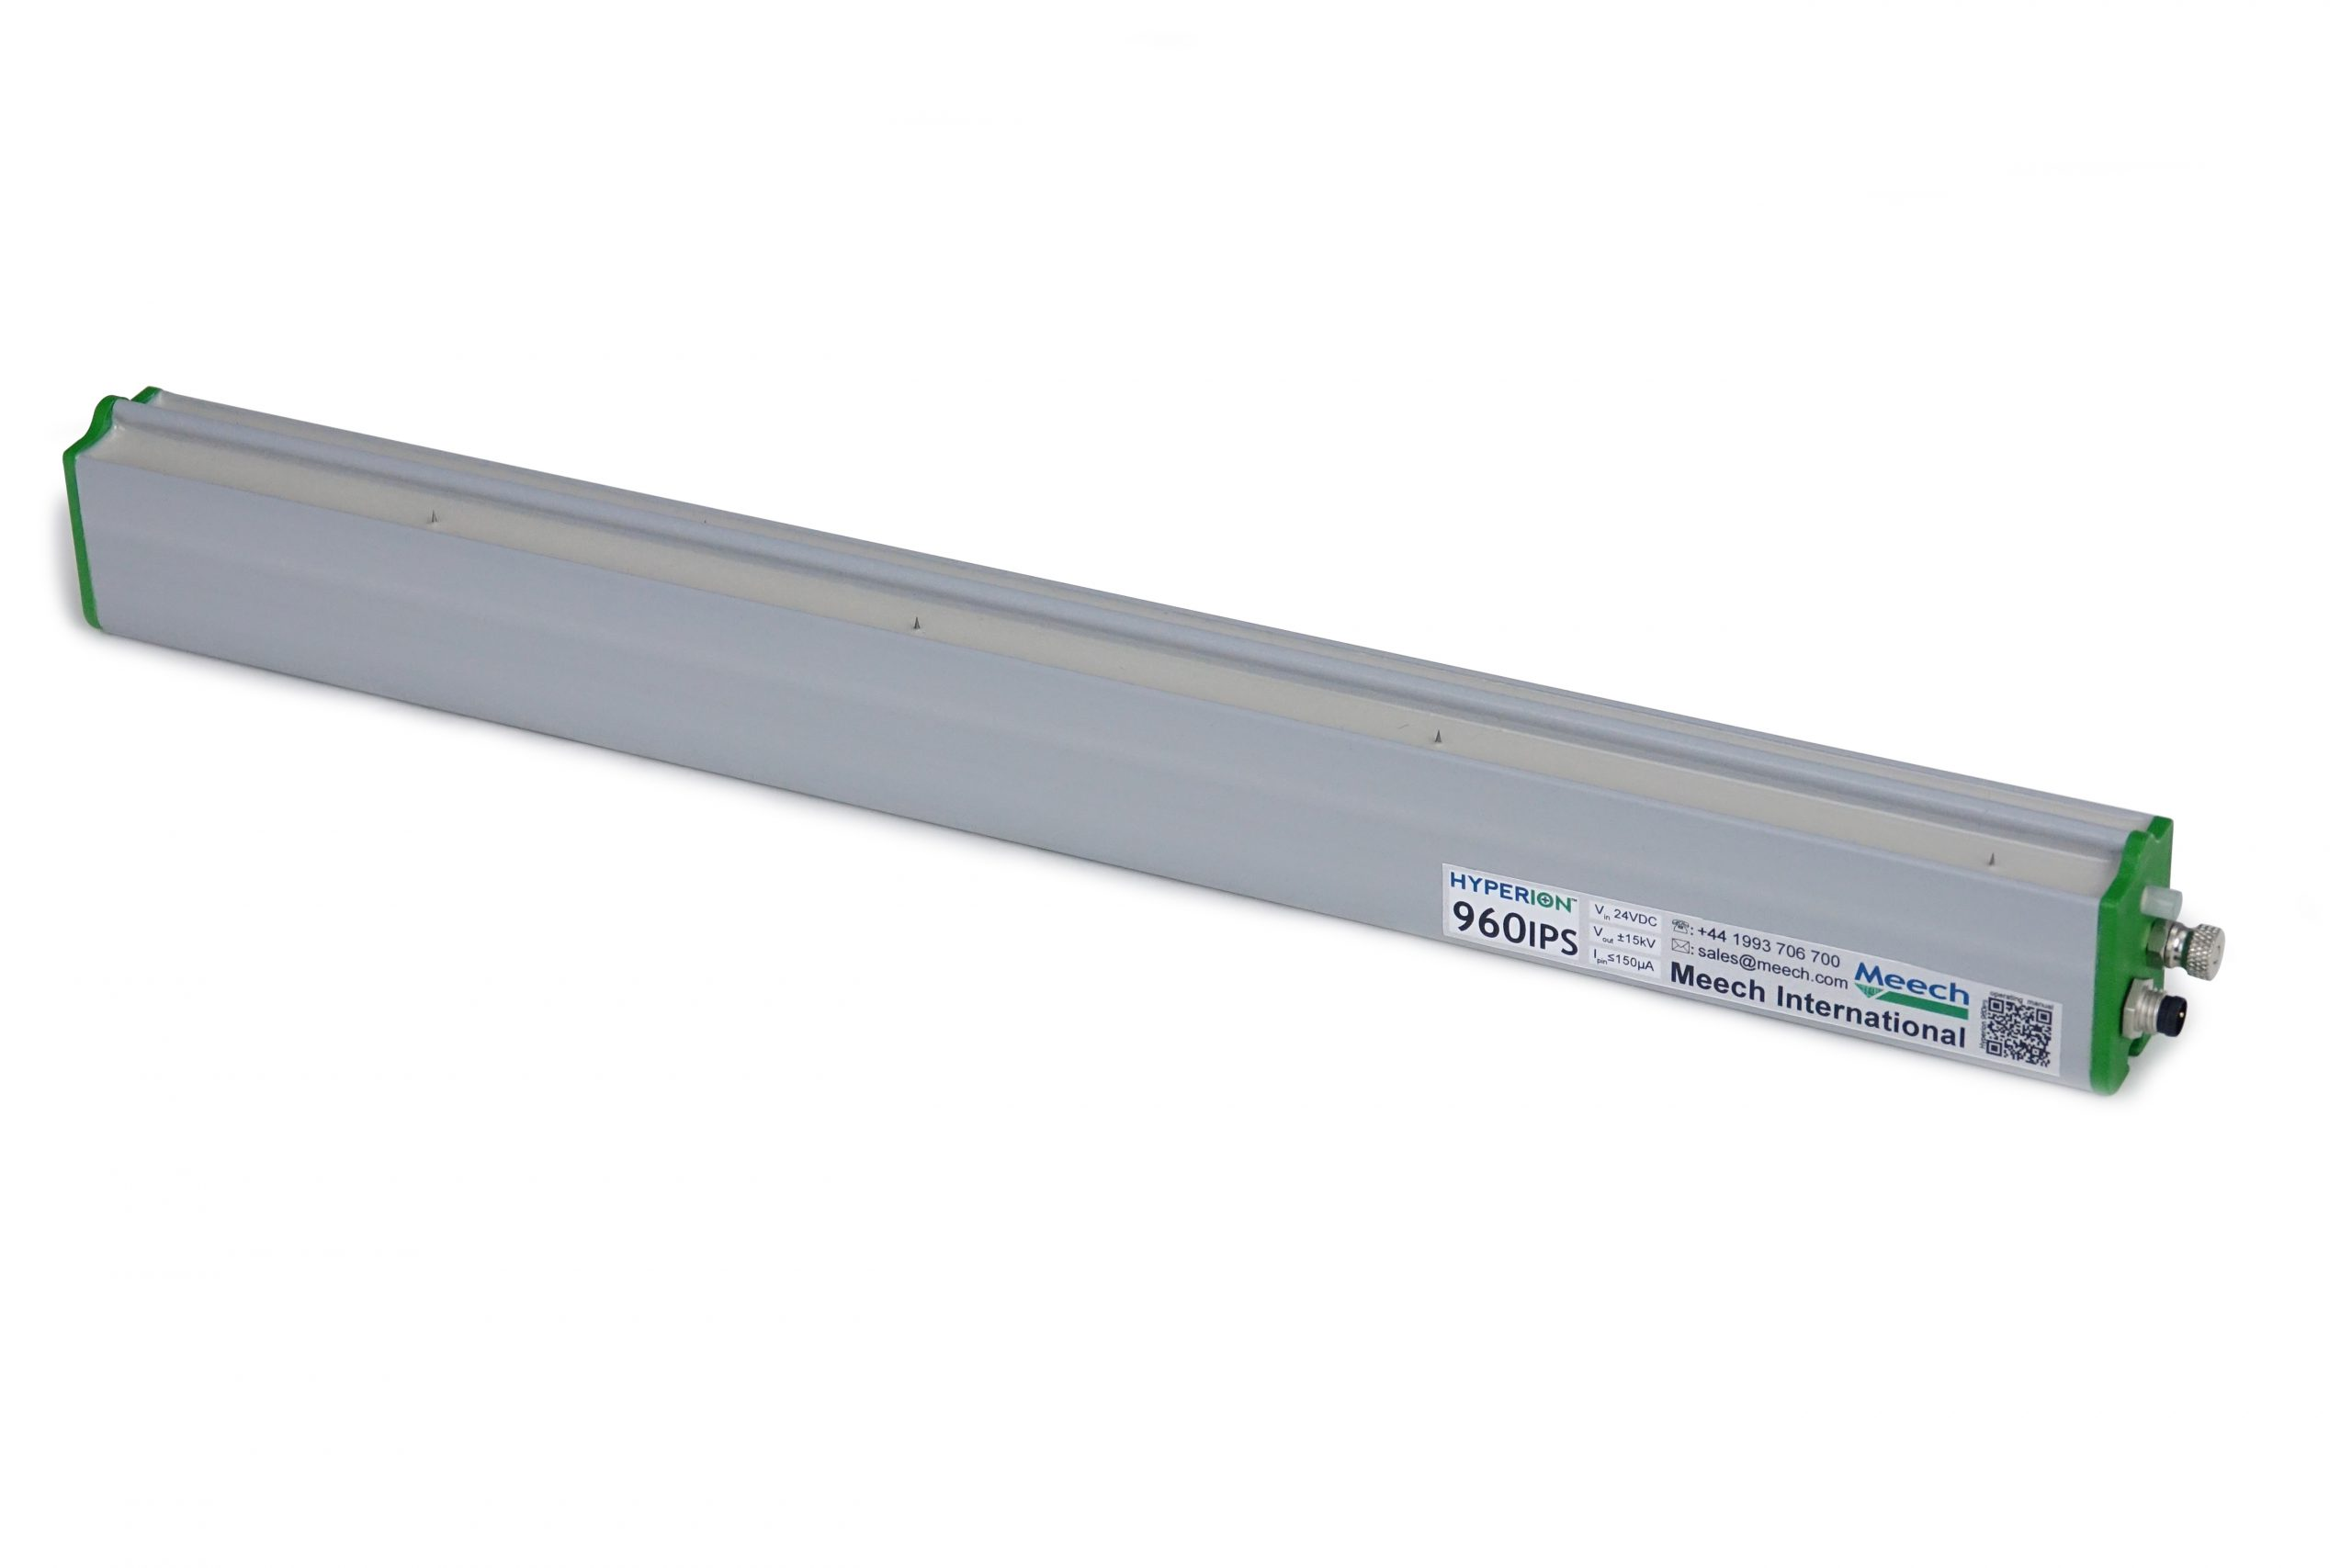 Hyperion 960IPS DC-Elektrode für mittlere Reichweiten